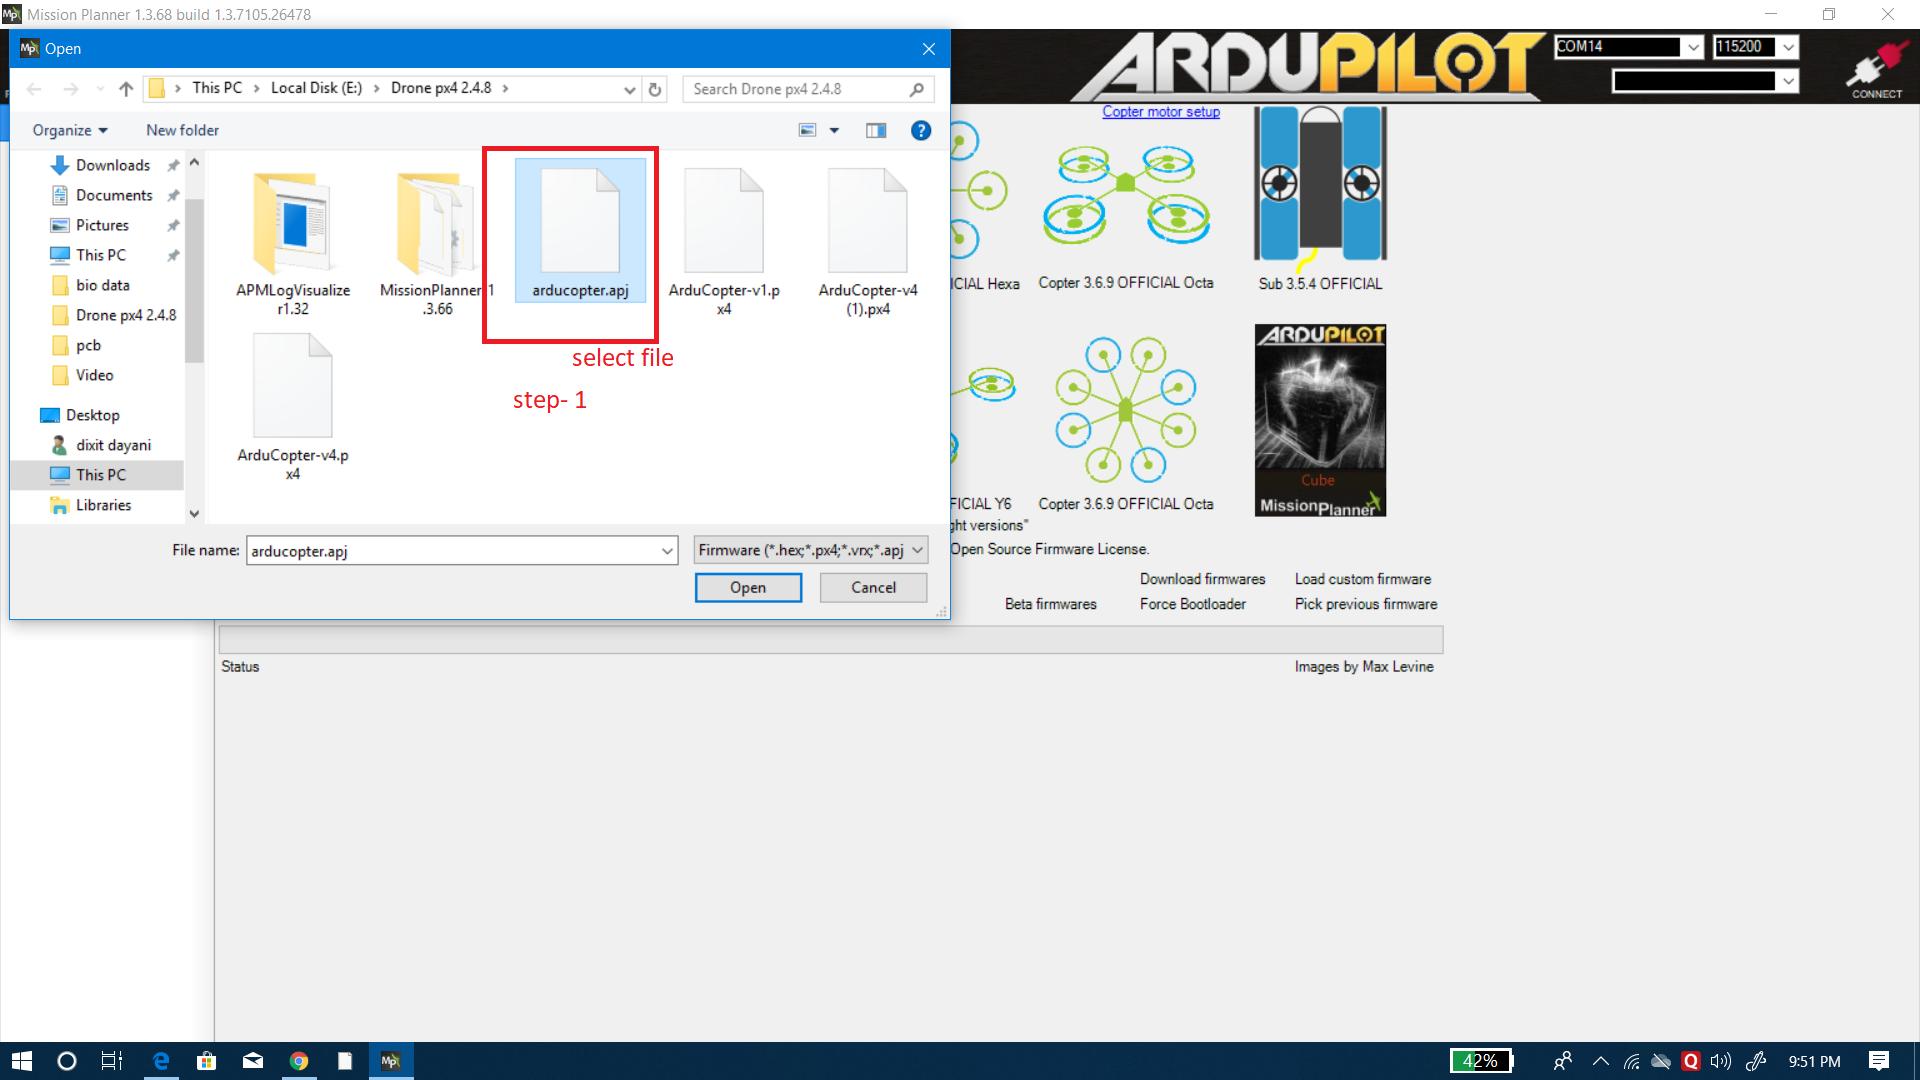 PixHawk Upload Firmware Error - Pixhawk family - ArduPilot